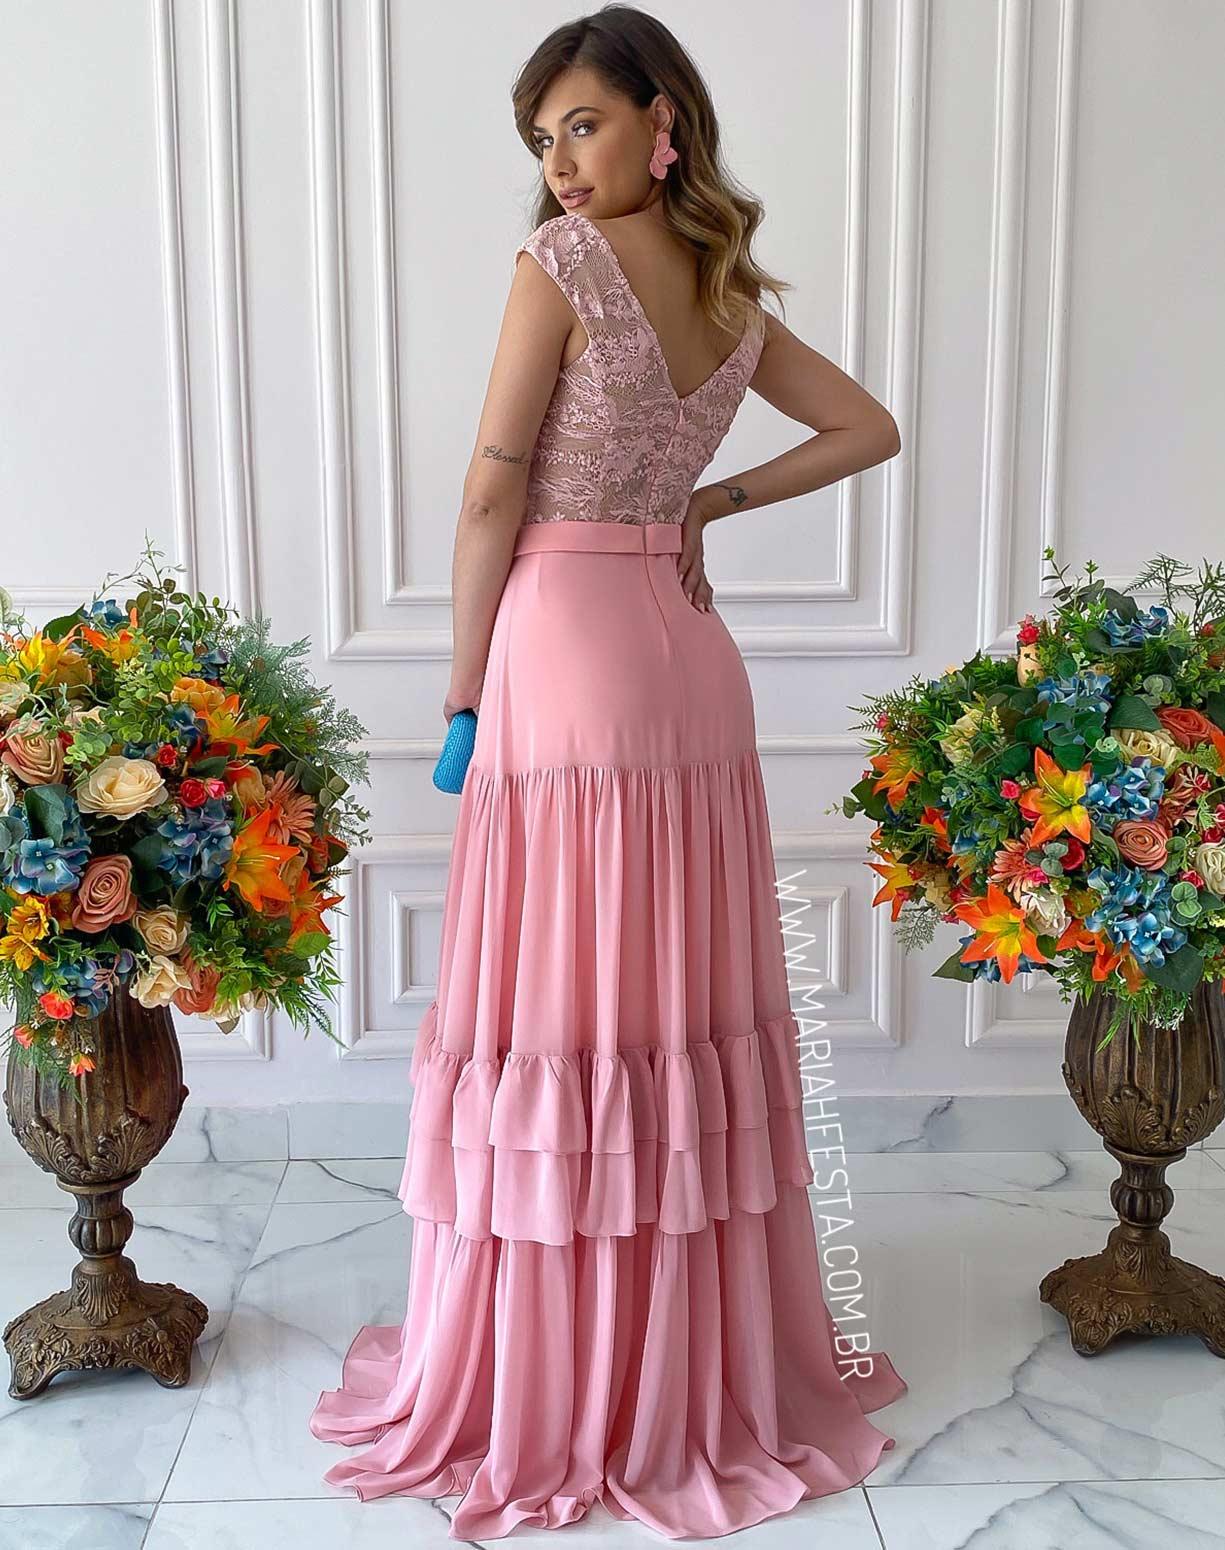 Vestido Rosê com Corpo em Renda e Saia com Camadas